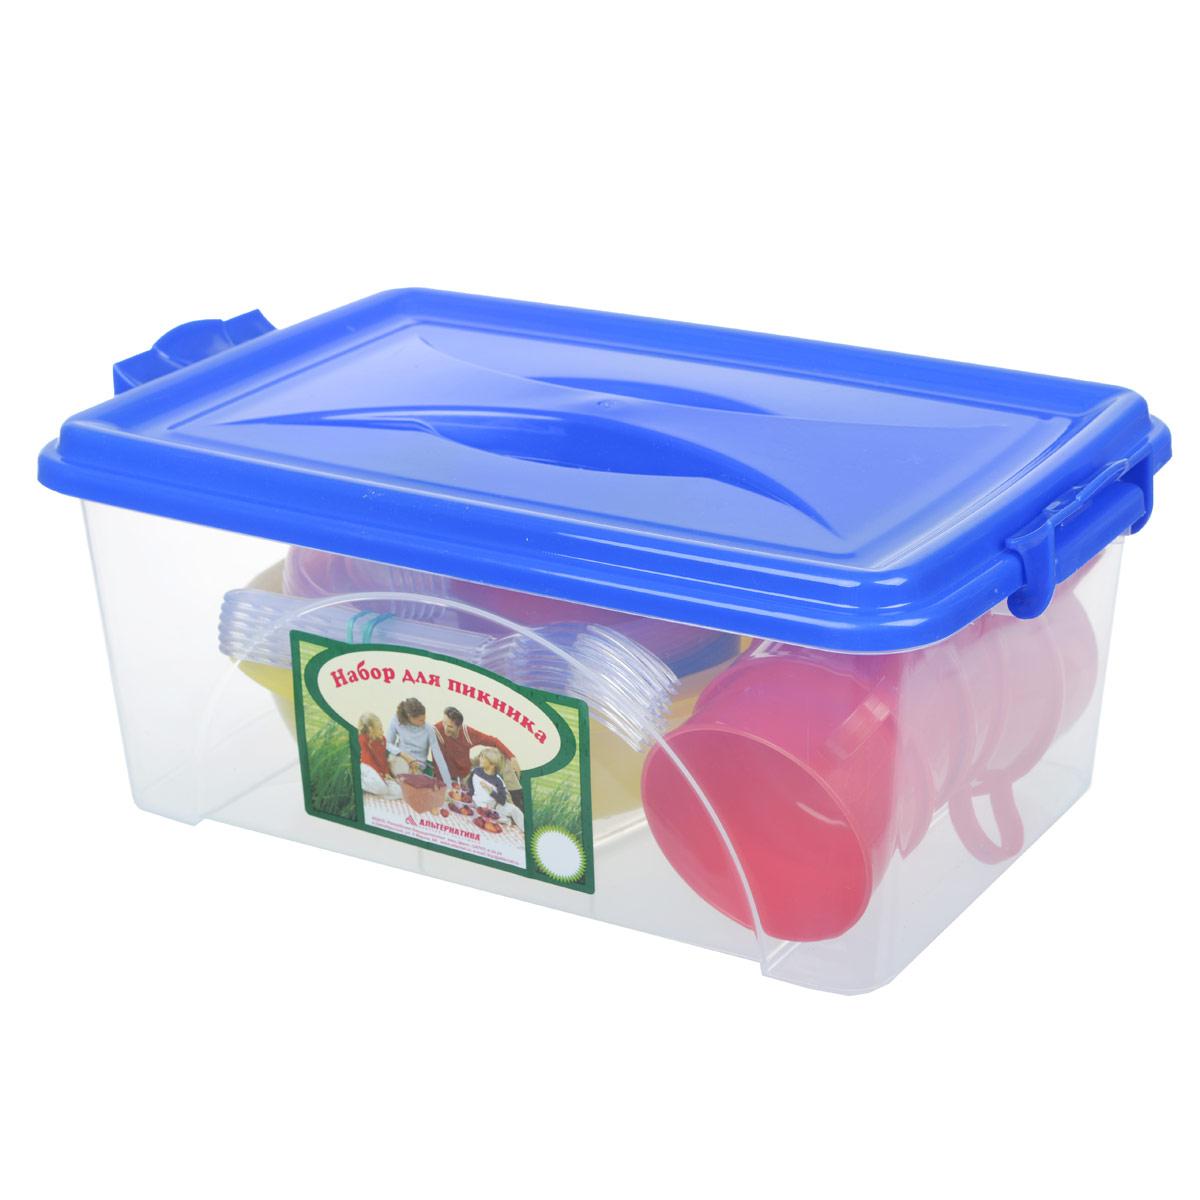 Набор для пикника Альтернатива №2, 38 предметов полесье набор для пикника 9 на 6 персон 54 элемента в контейнере